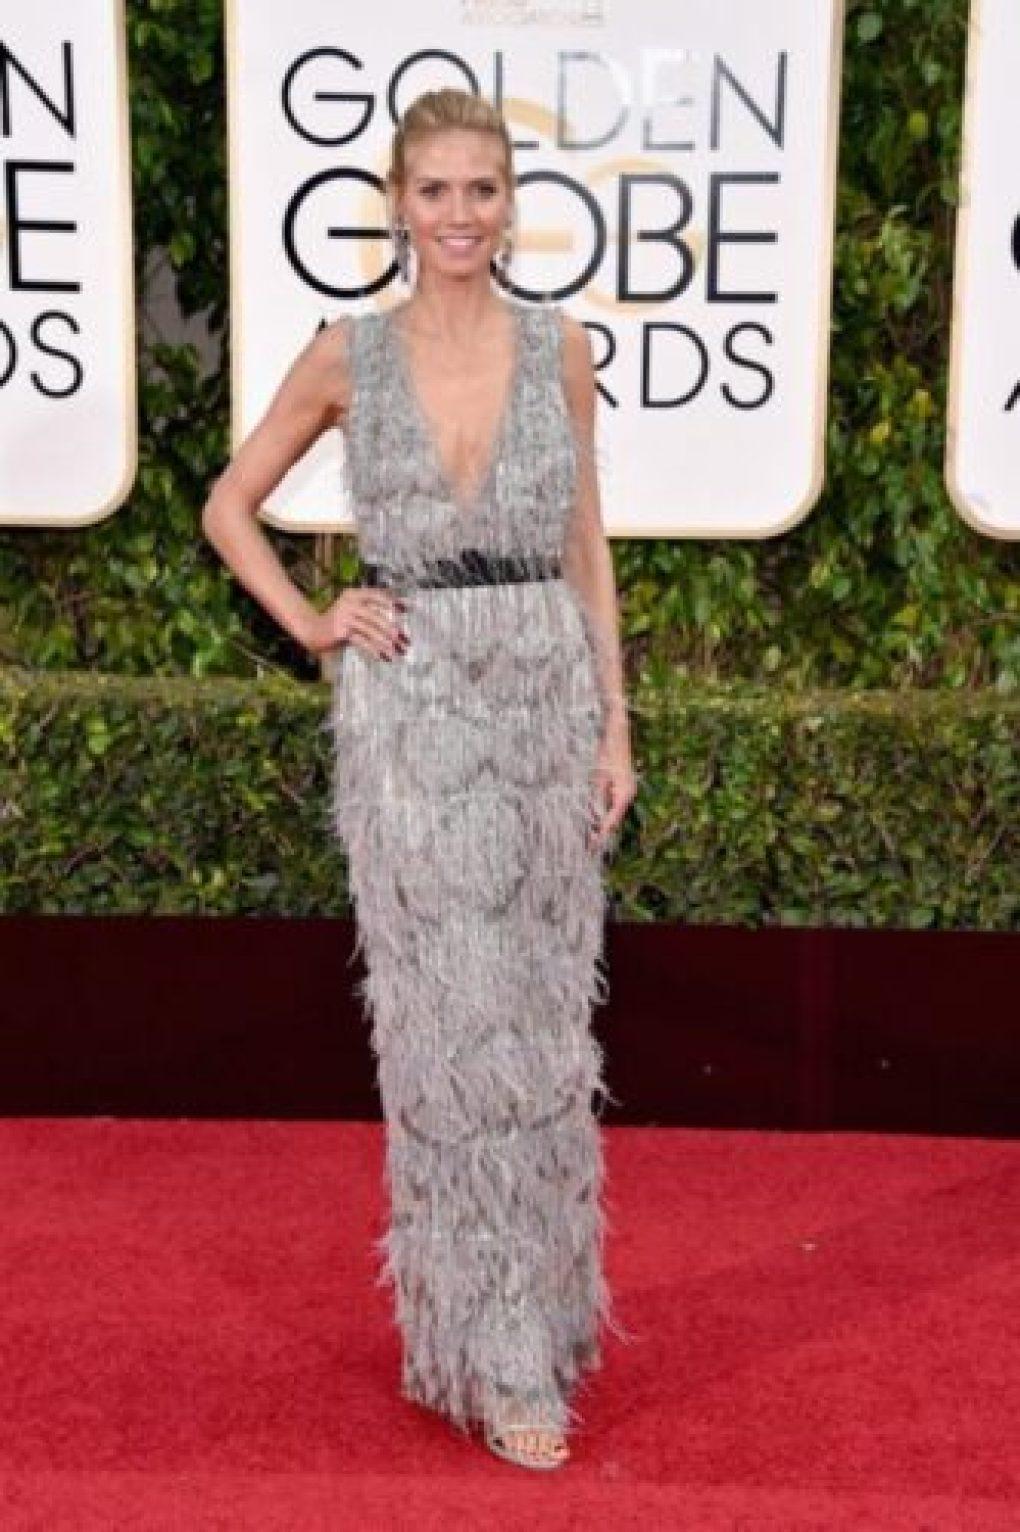 Heidi Klum Globo de ouro: Os esmaltes que brilharam na premiação